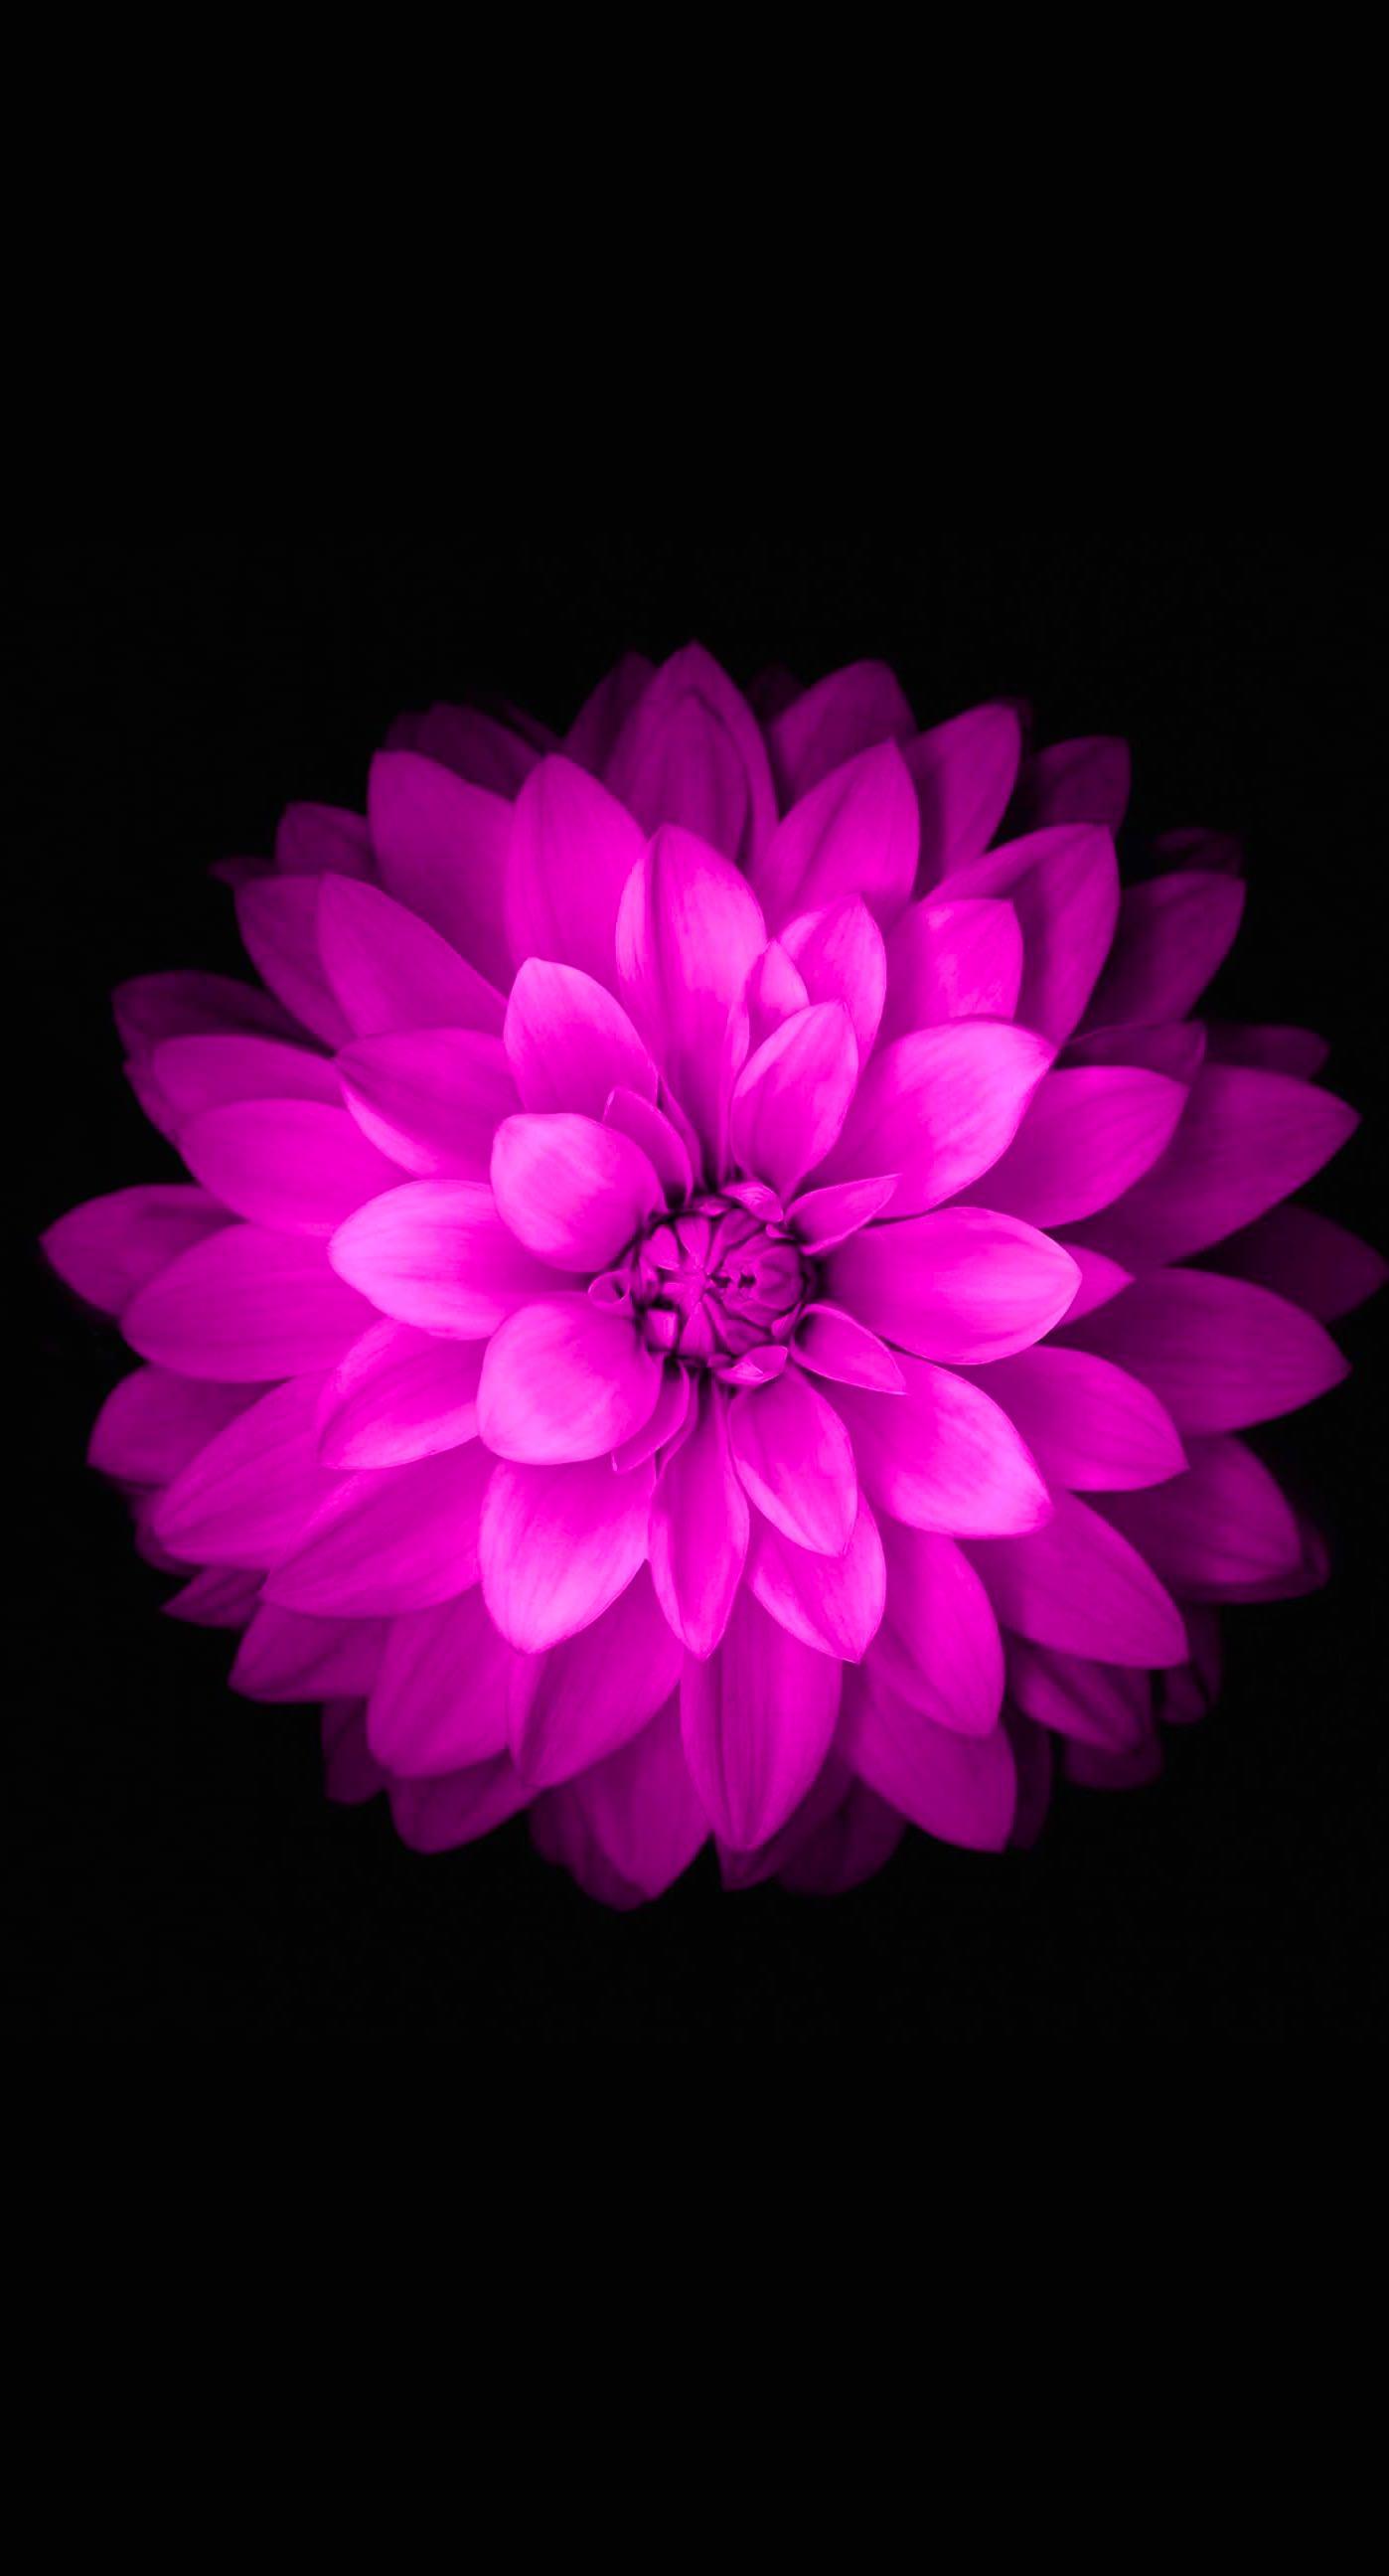 Bunga Ungu Hitam Wallpapersc IPhone7Plus